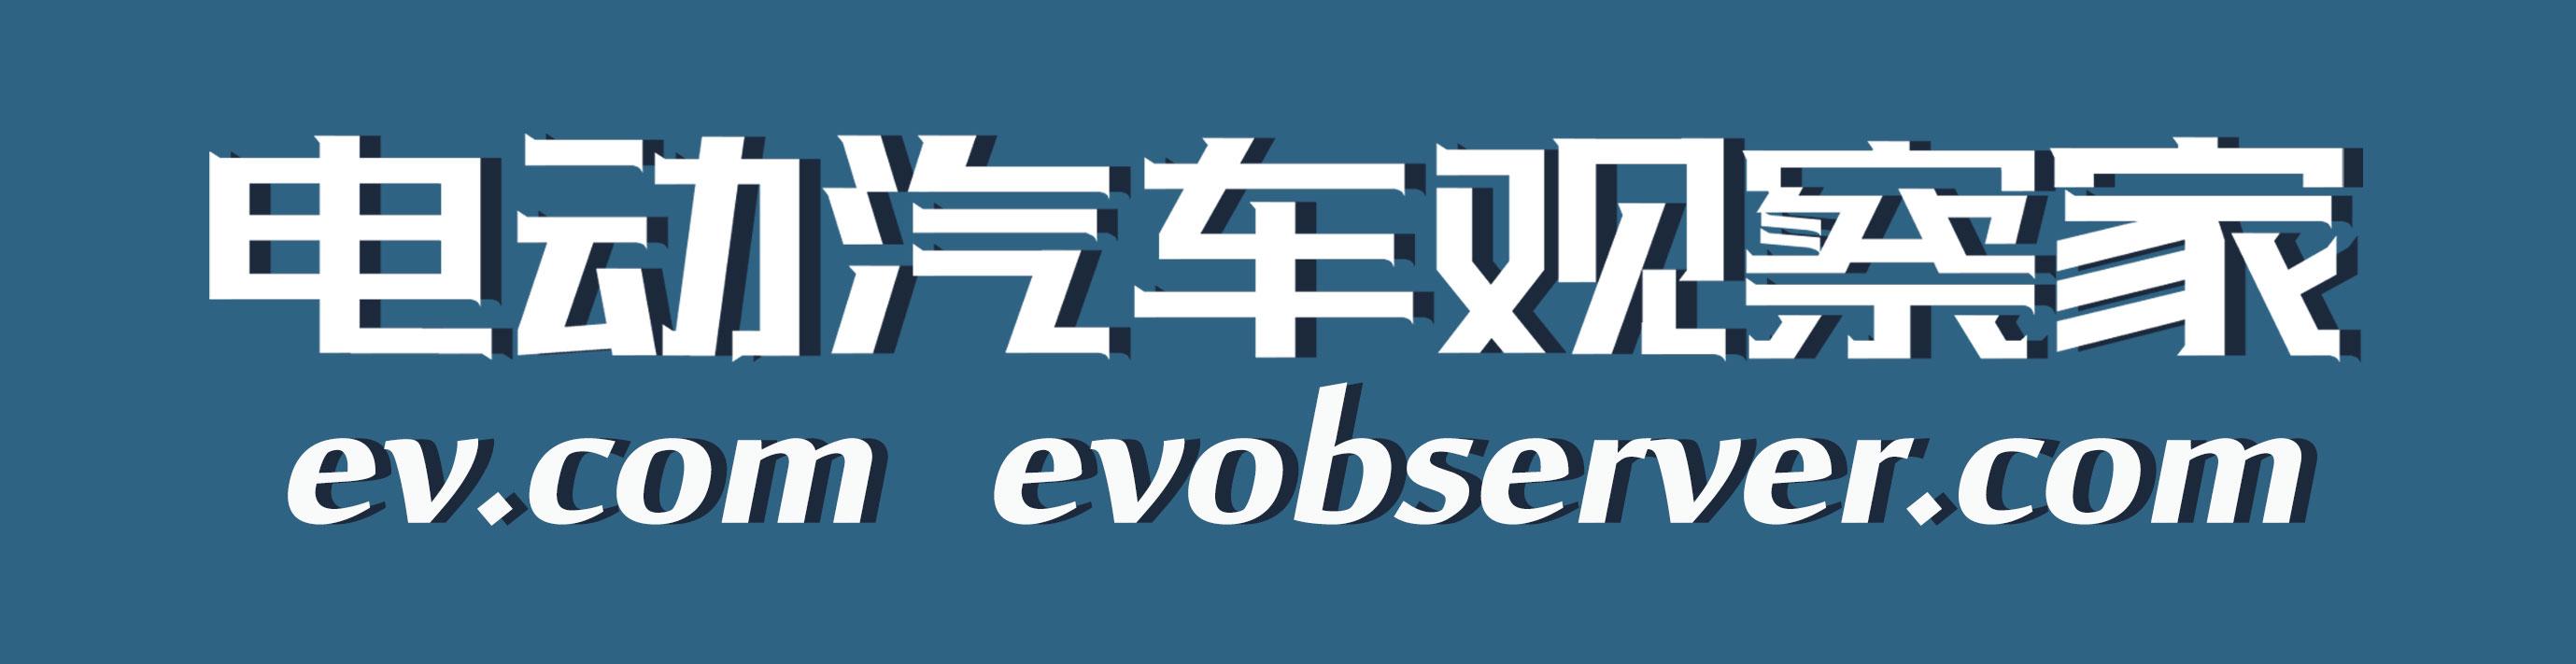 电动汽车观察家logo